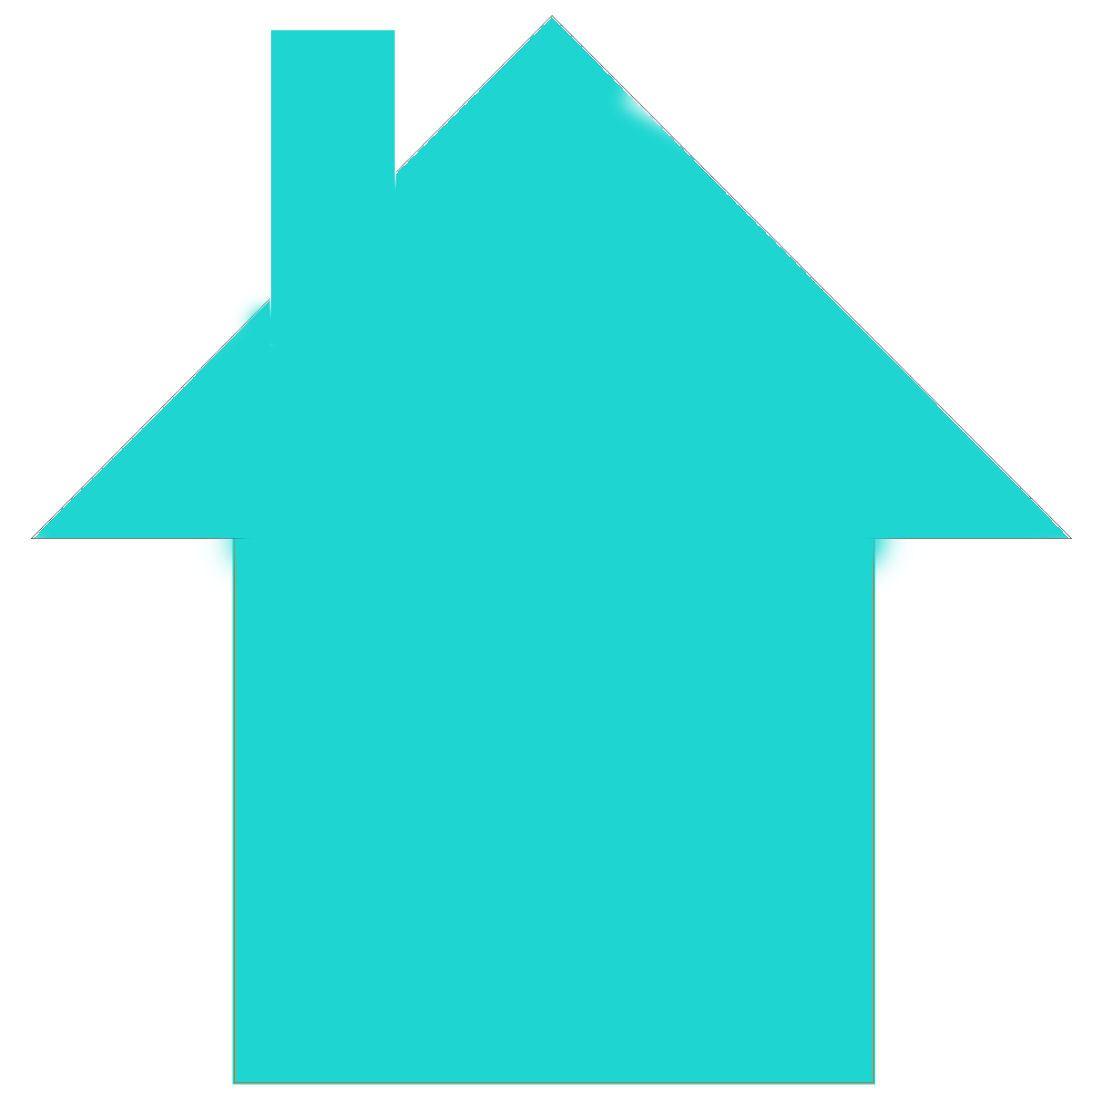 House shape clipart 5 » Clipart Portal.